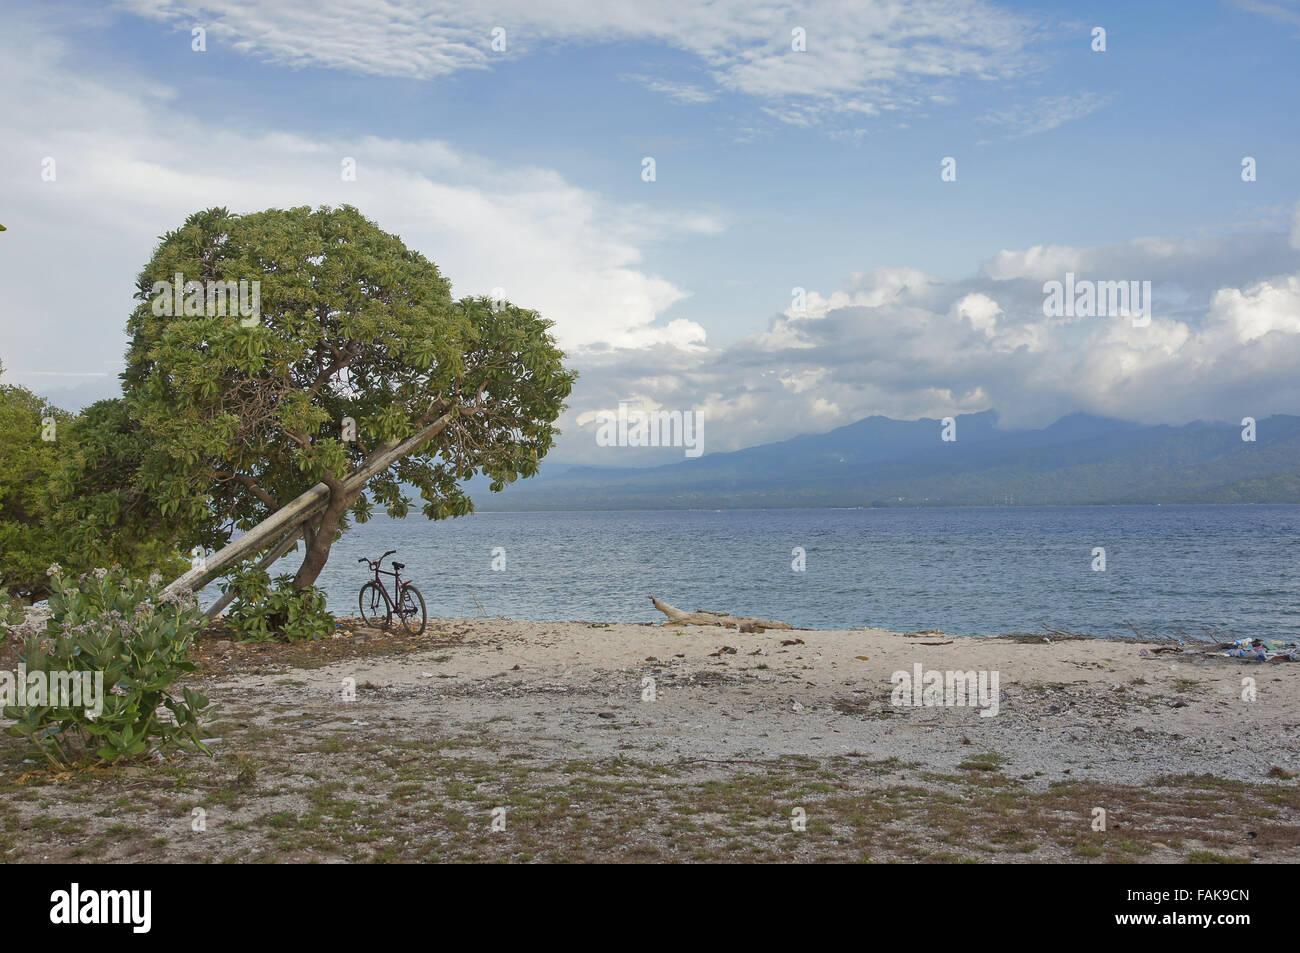 Undeveloped beach on Gili Island, Indonesia - Stock Image